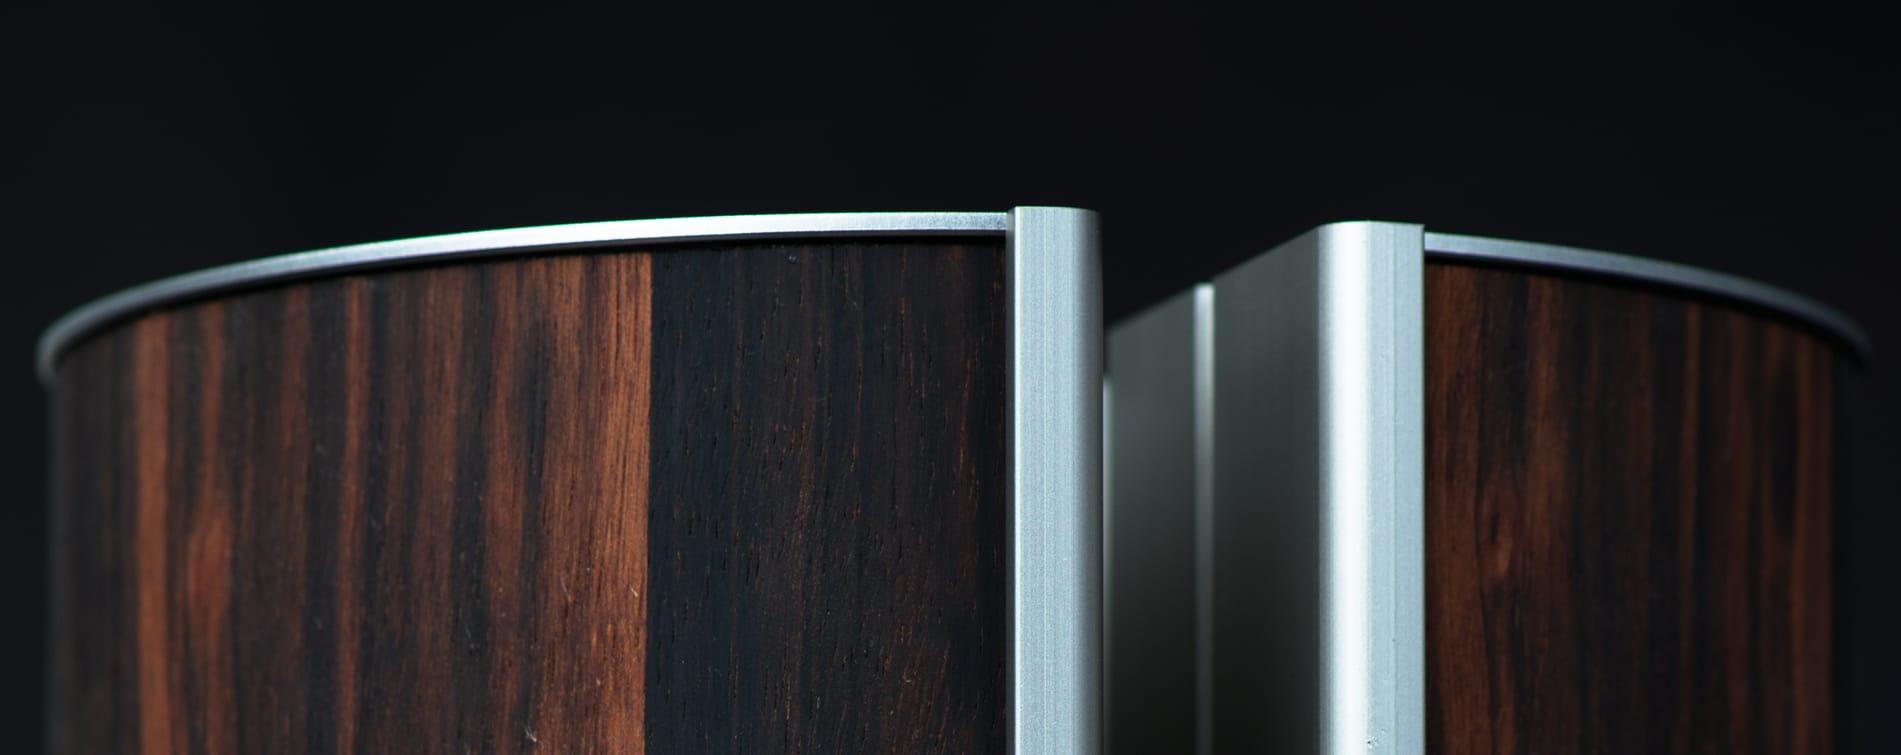 Het hout dat gebruikt wordt voor muziekinstrumenten past perfect bij het design van de illum urn